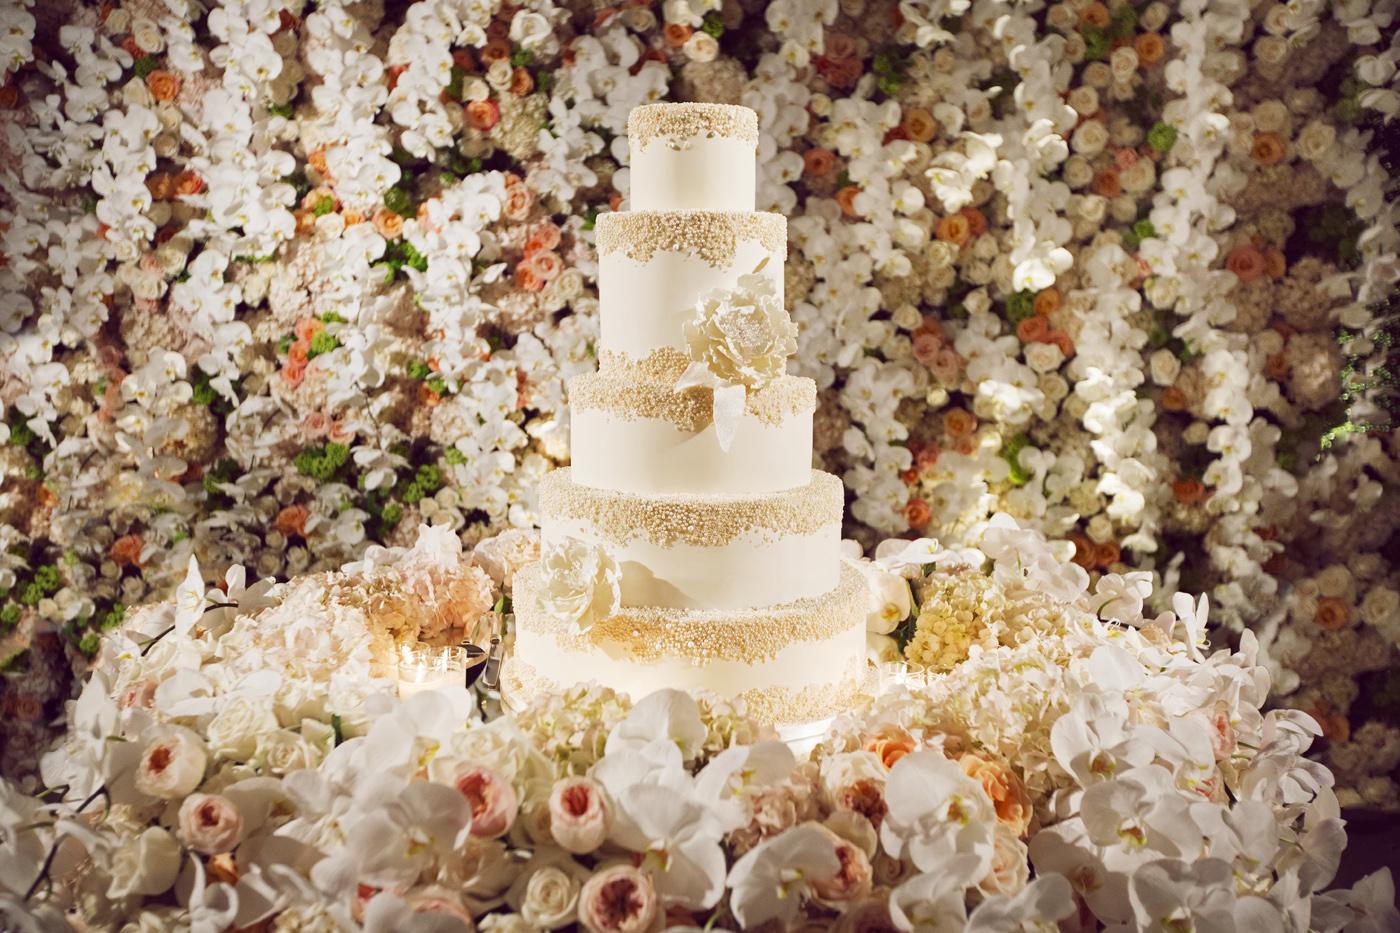 044_DukePhotography_DukeImages_Wedding_Details.jpg